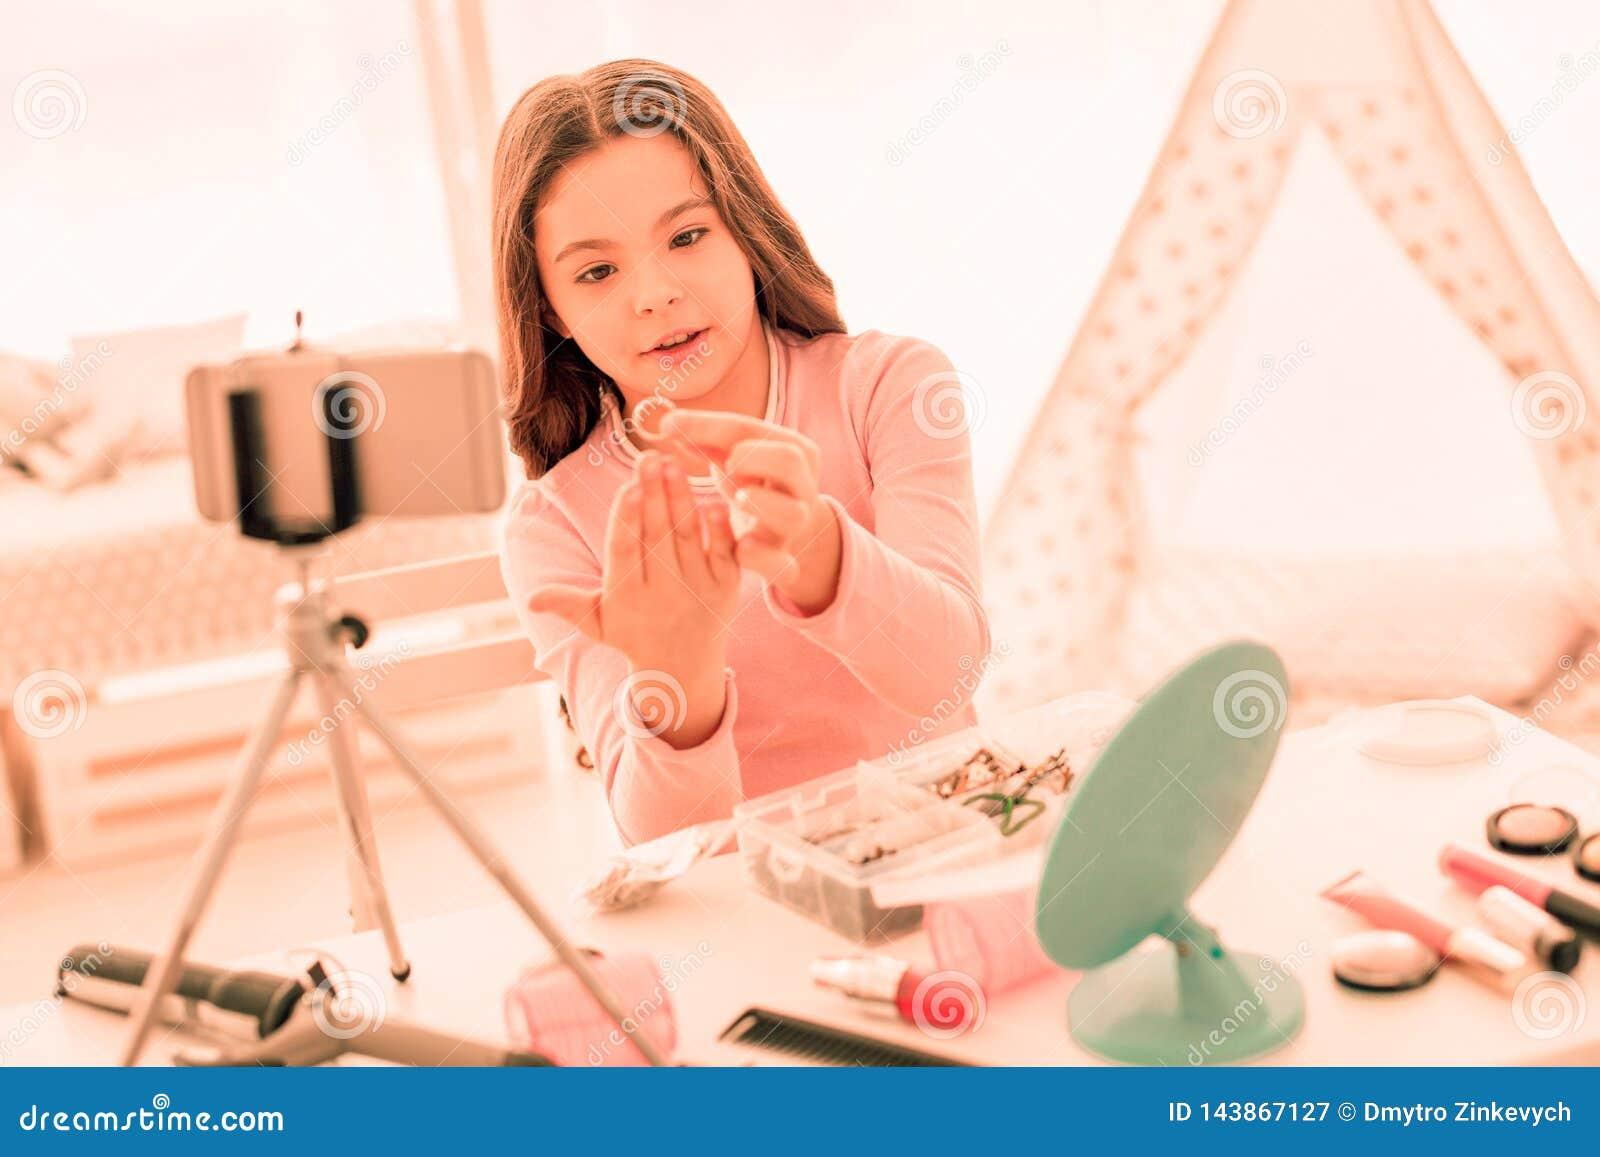 Ευχάριστο νέο κορίτσι που κρατά ένα χρυσό δαχτυλίδι